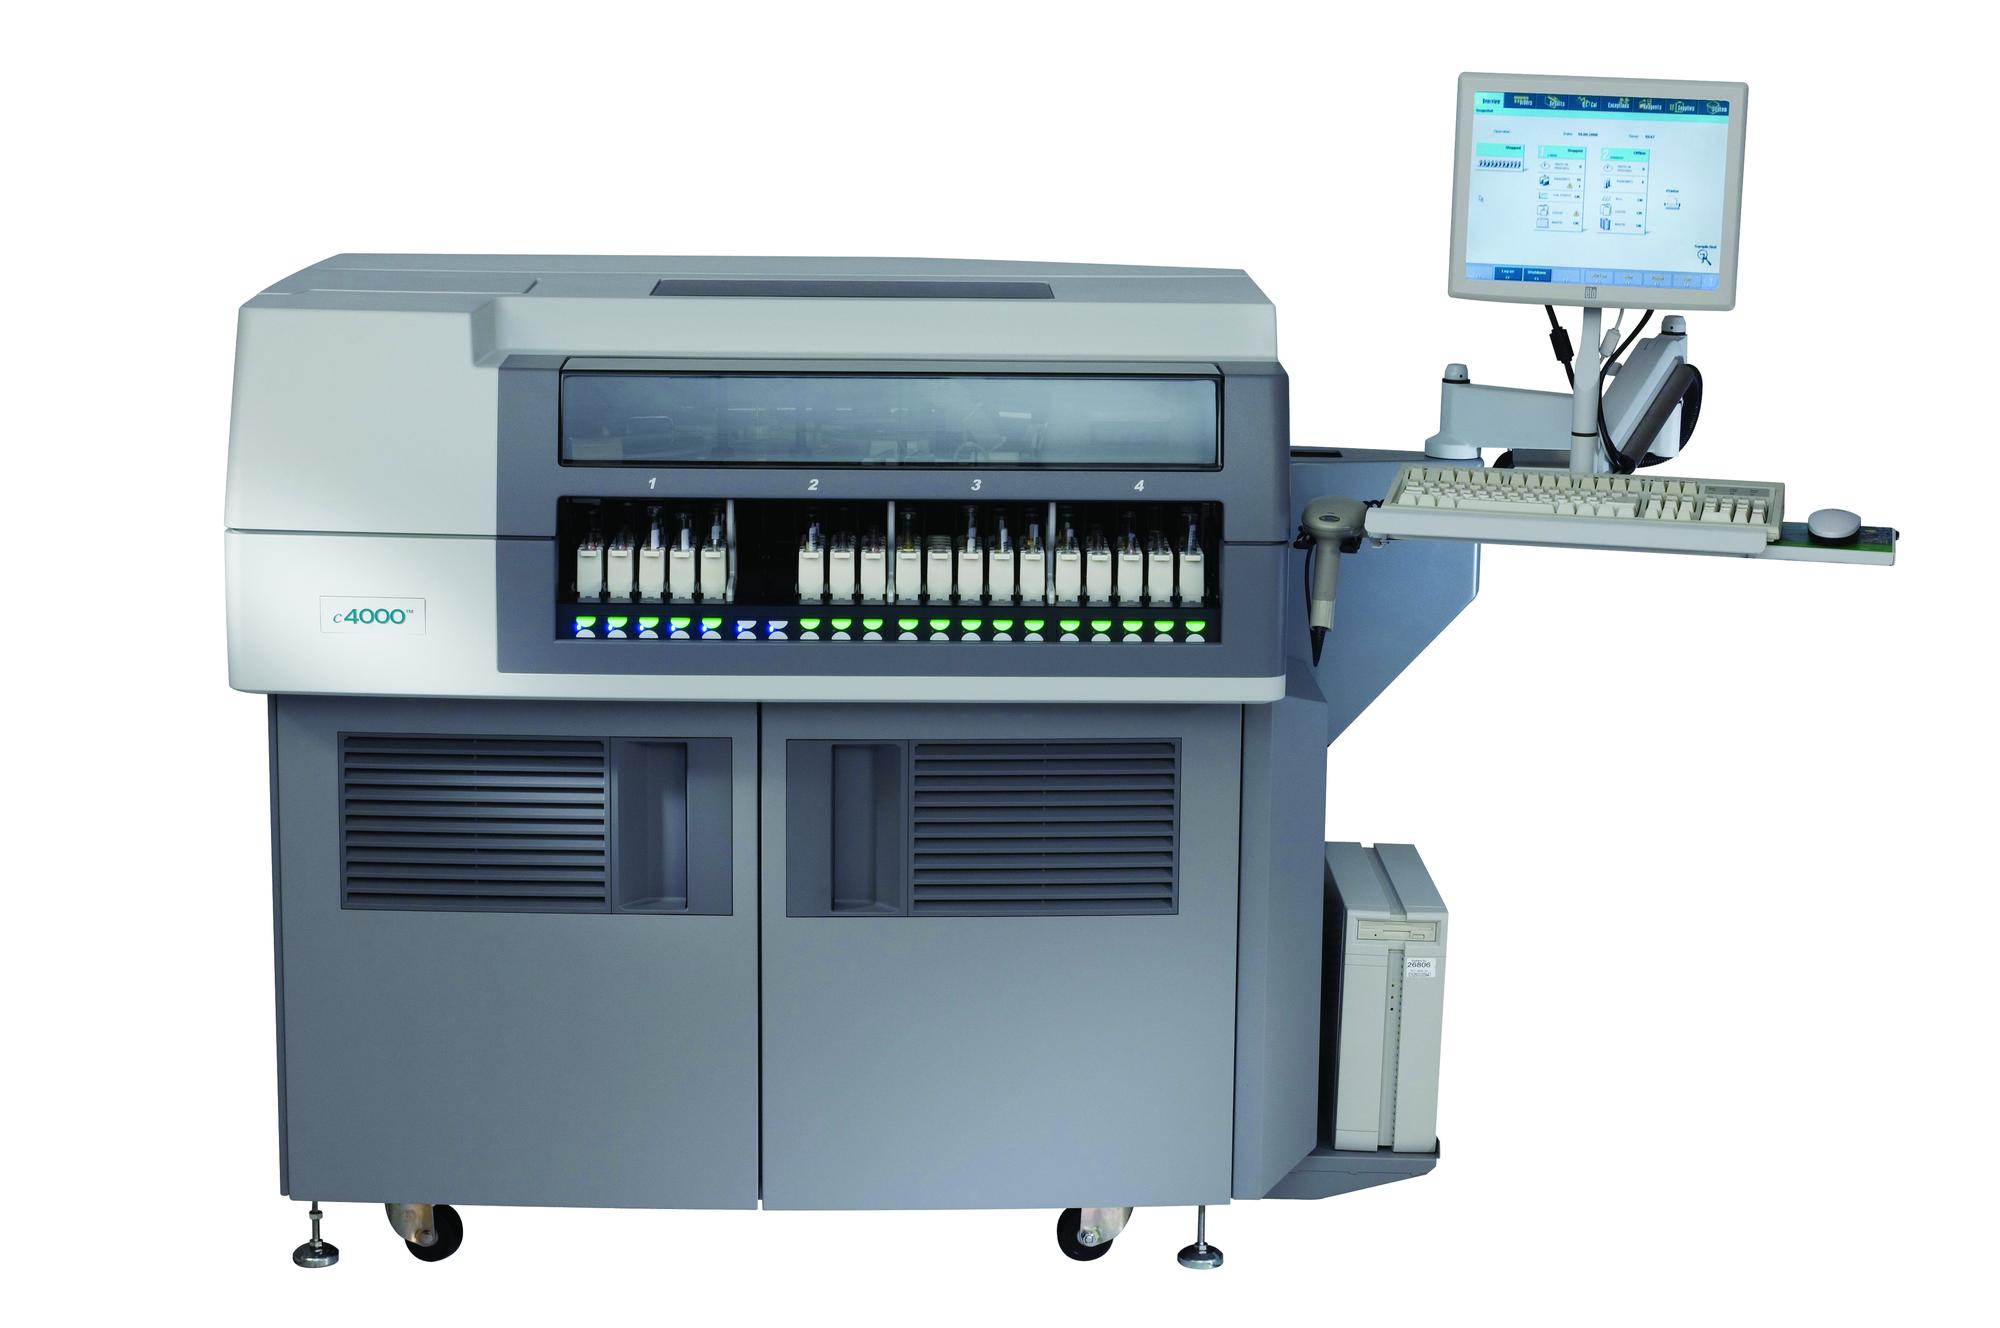 Architect c8000 анализ мочи нормальные показатели анализов крови и мочи у человека скачать